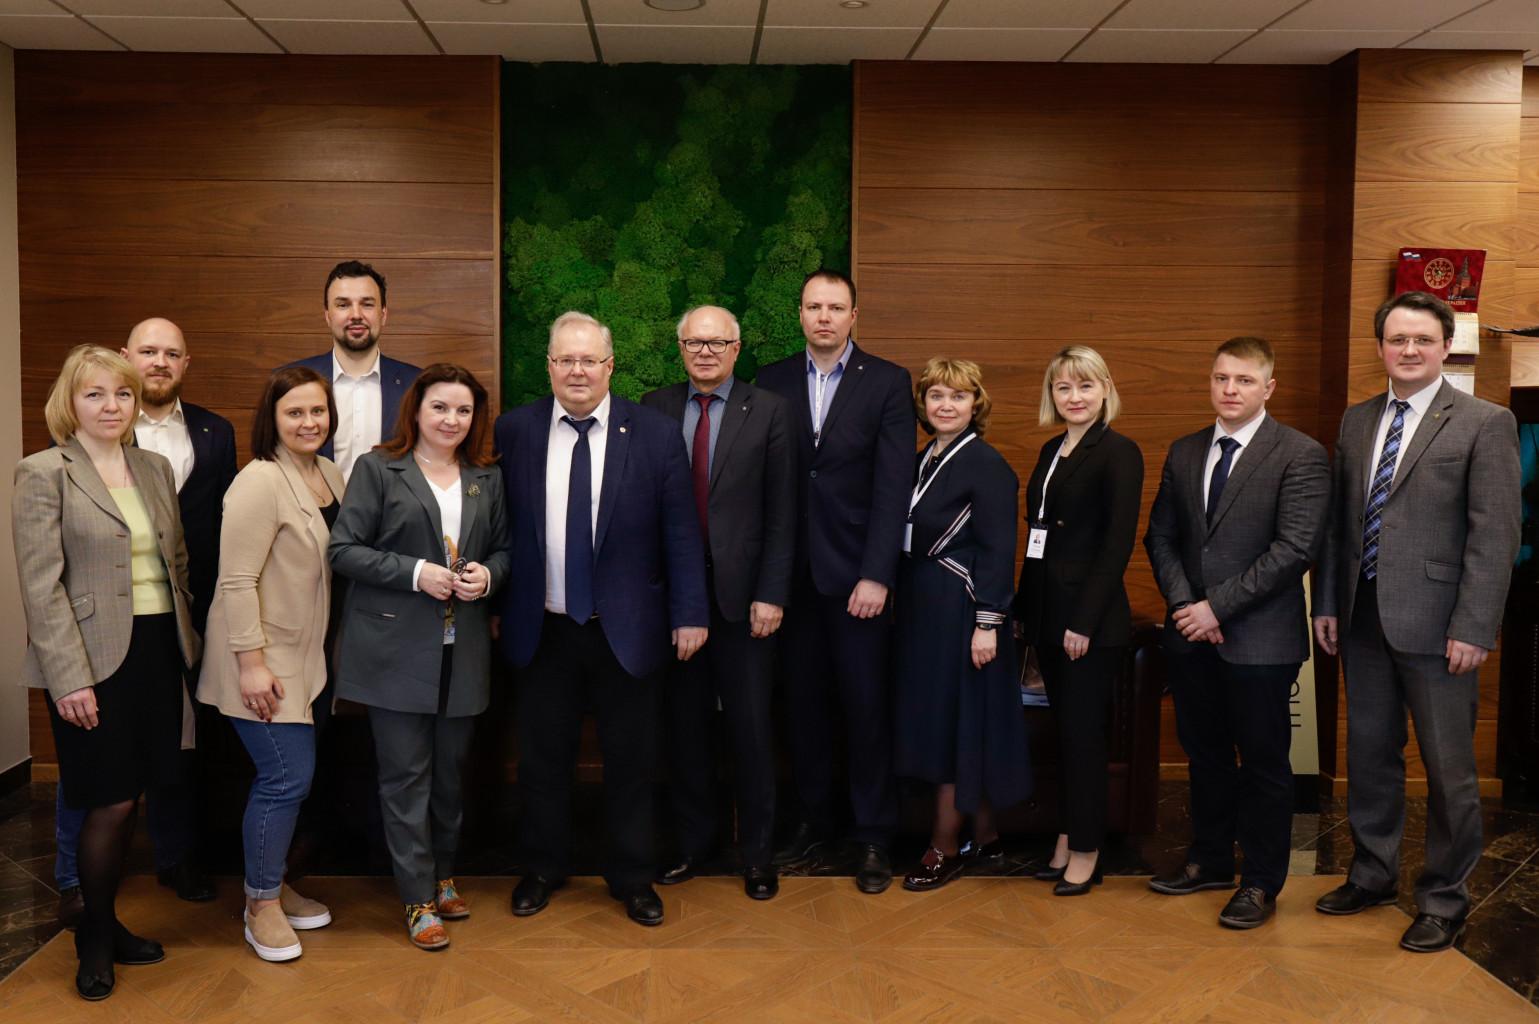 Центр НТИ СПбПУ с рабочим визитом посетила делегация Череповецкого государственного университета и представители ПАО «Северсталь»